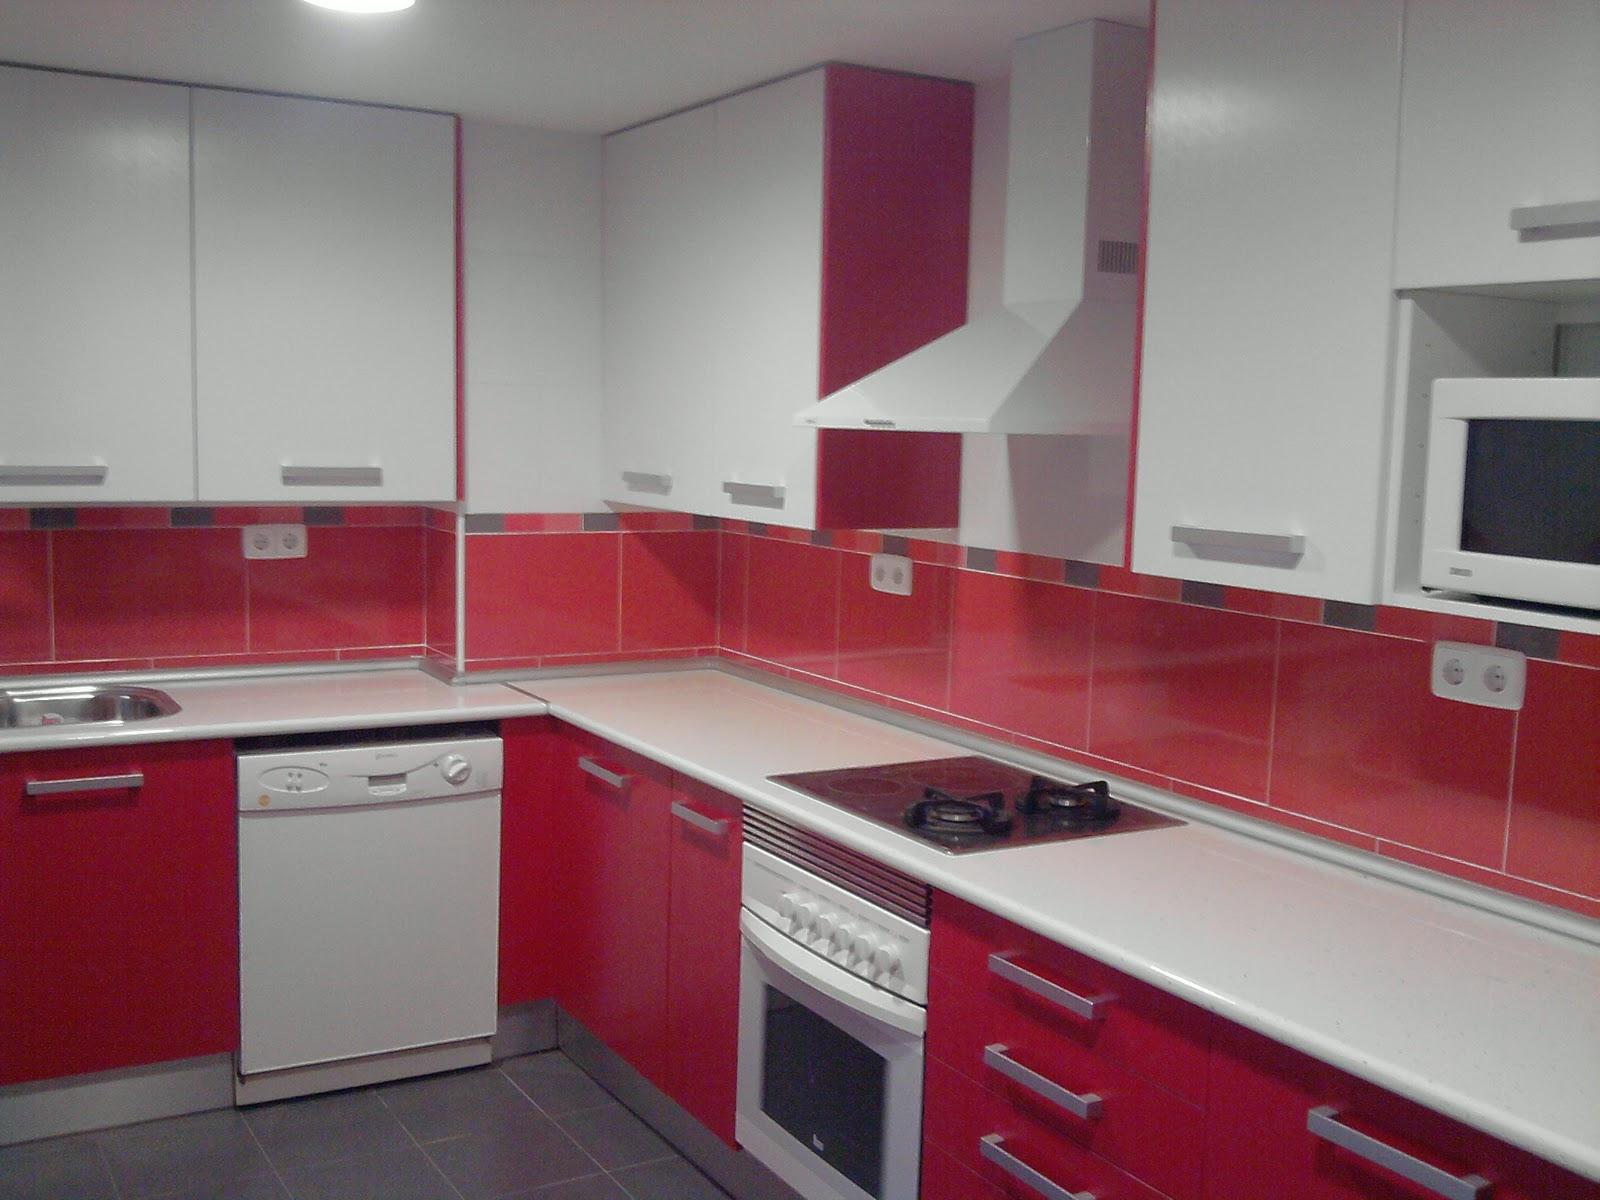 Cocinas fotos de cocinas for Cocina blanca encimera roja